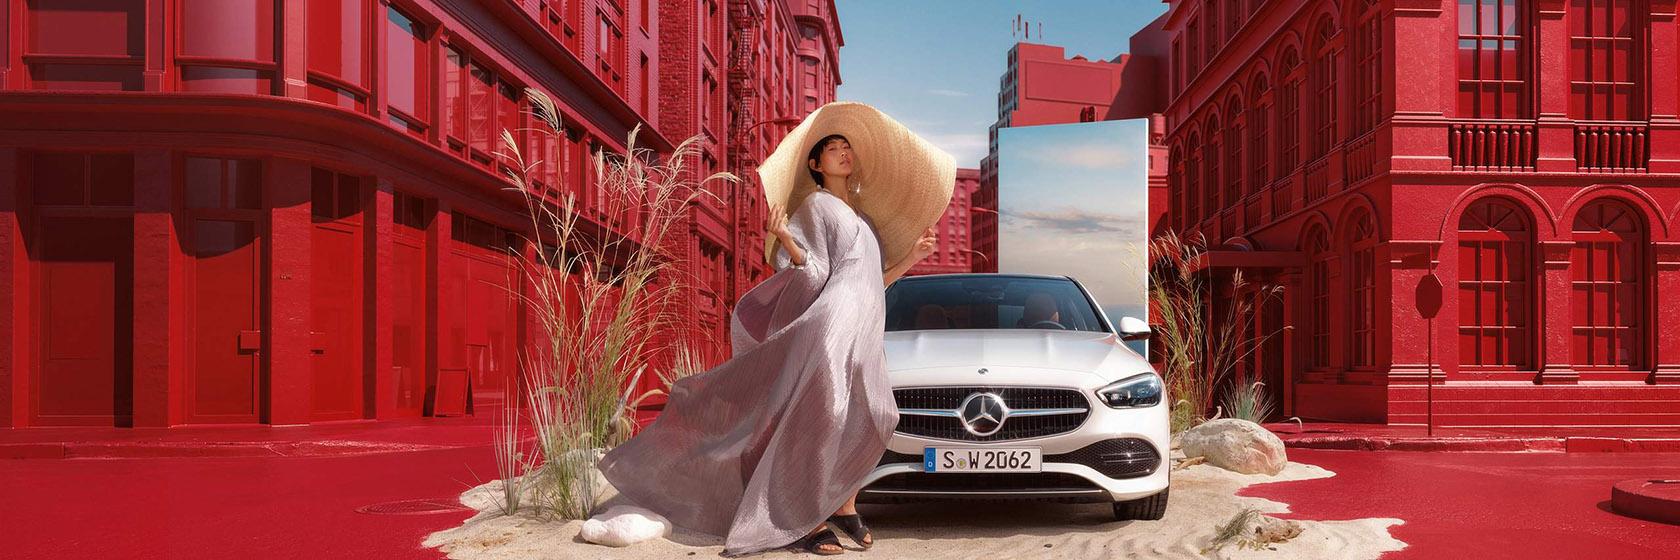 ДизайнMercedes-Benz C-Class w206 2021